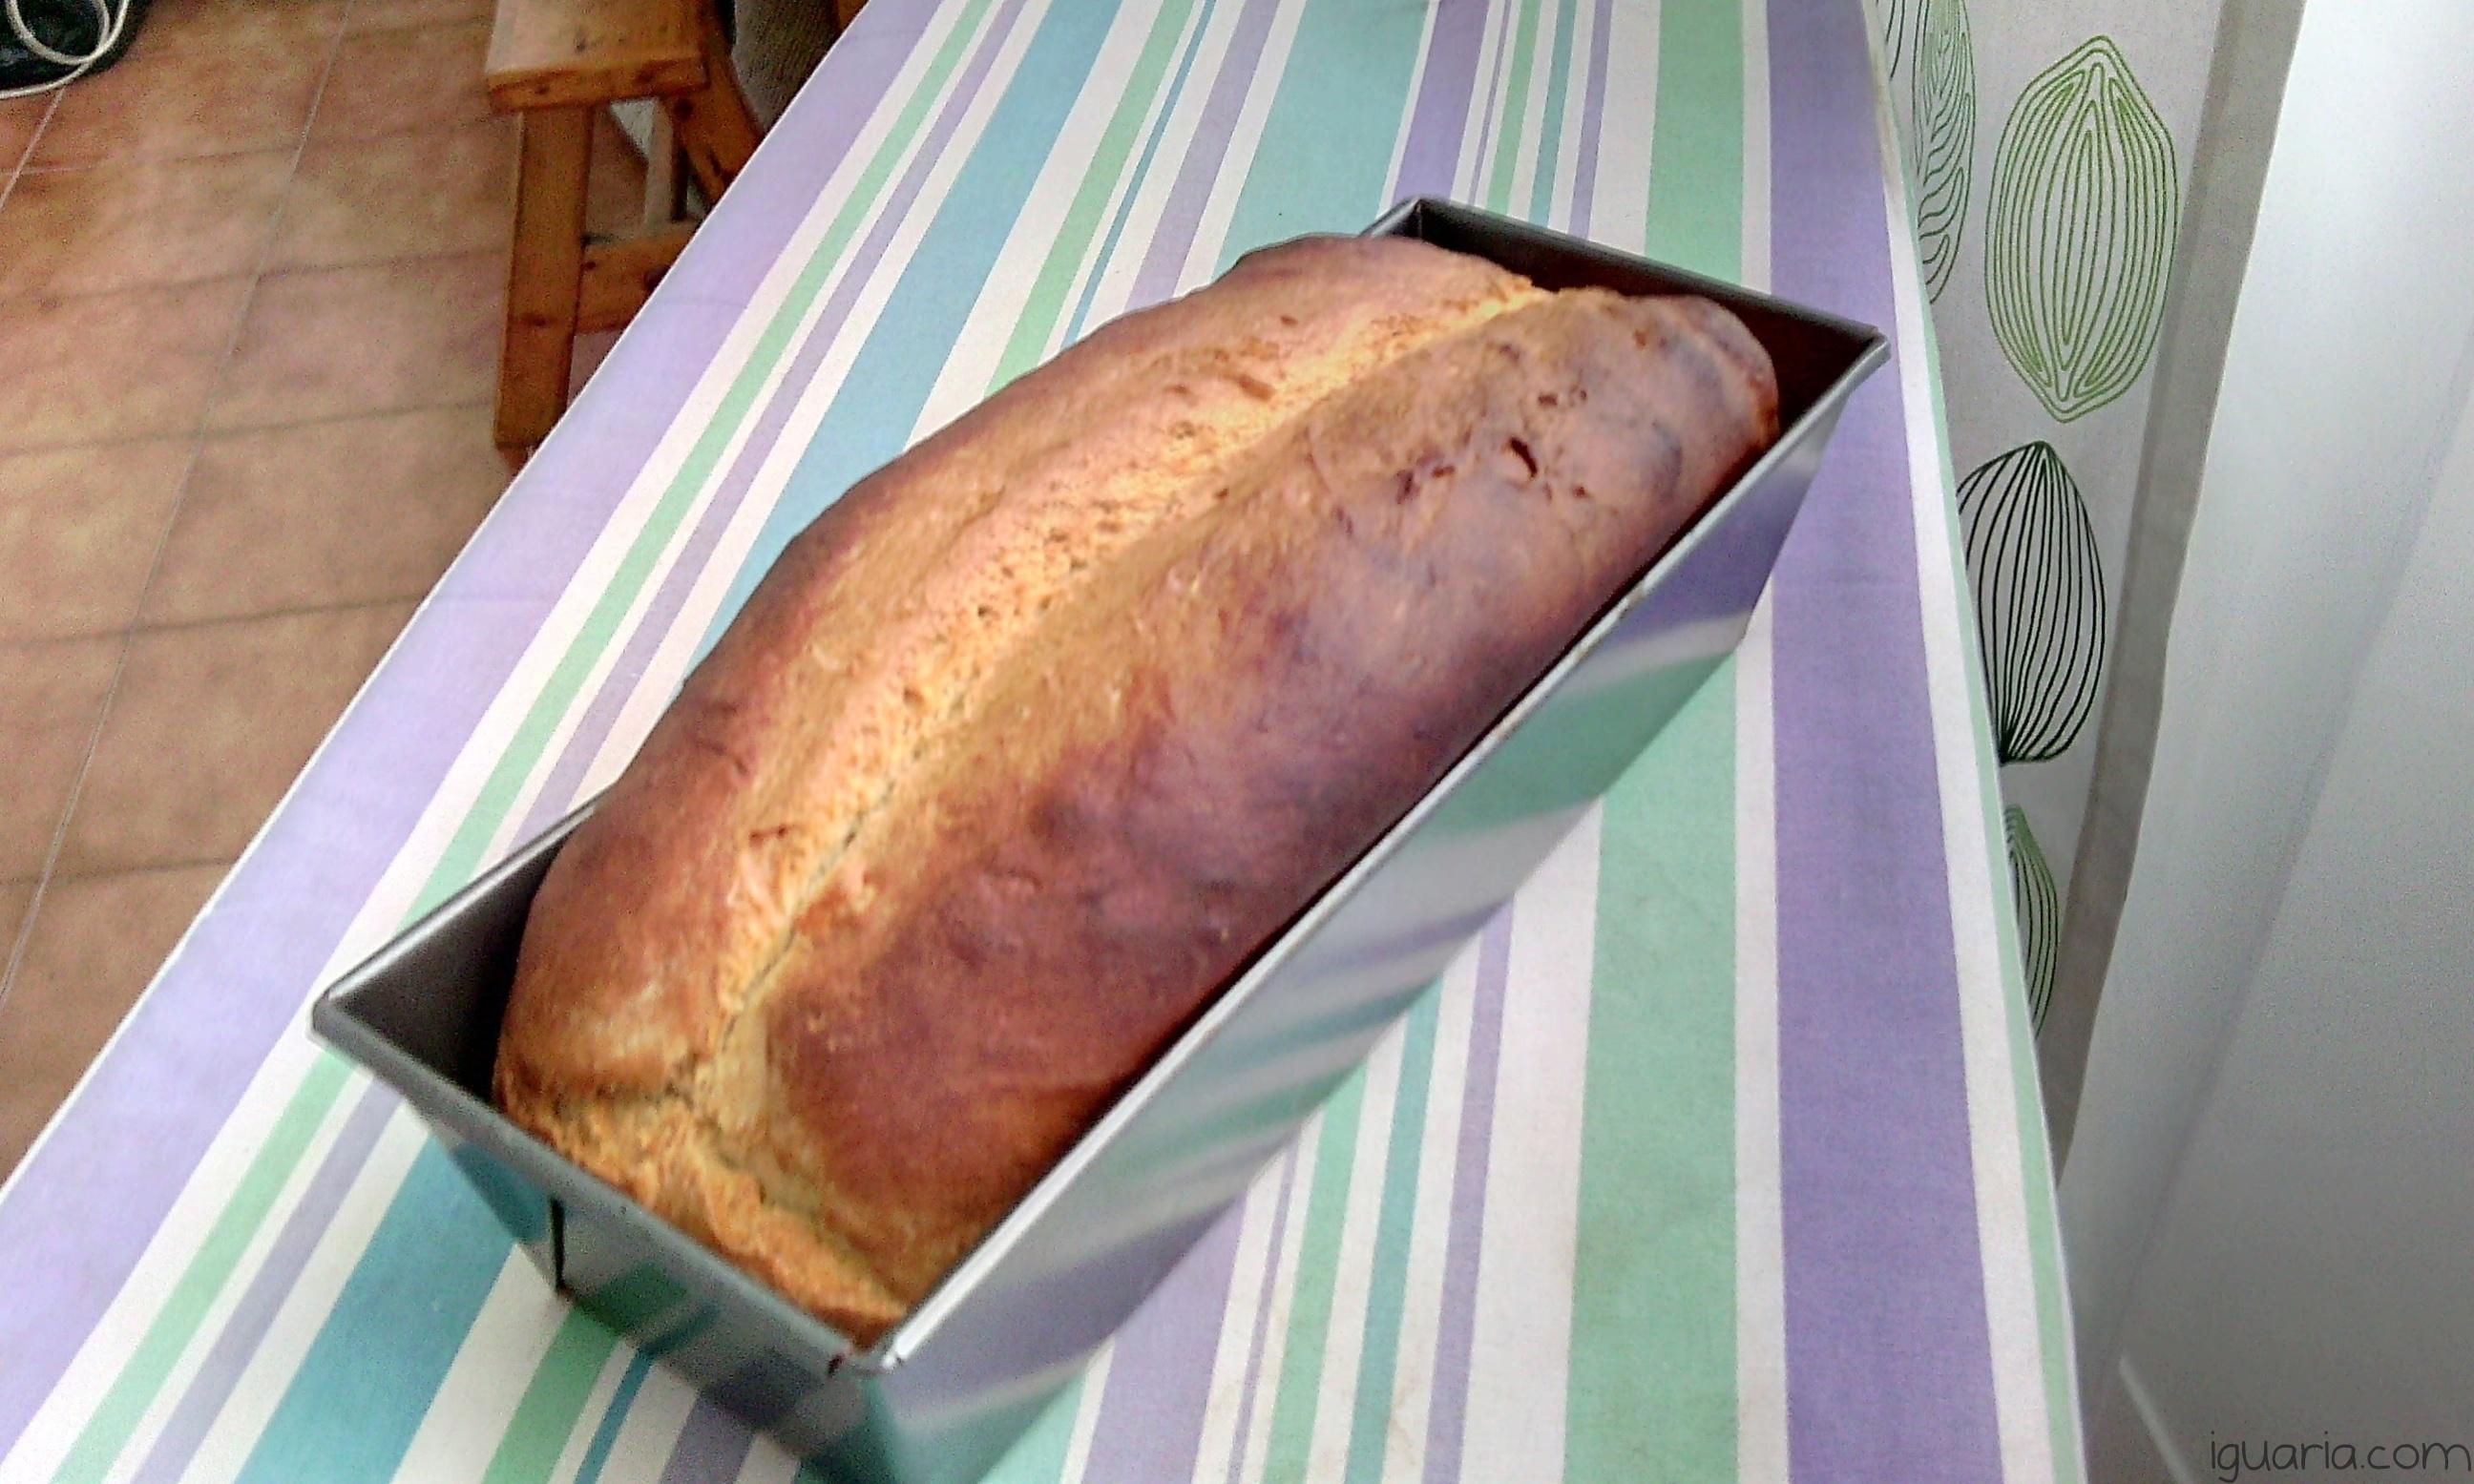 iguaria-pao-de-forma-cozido